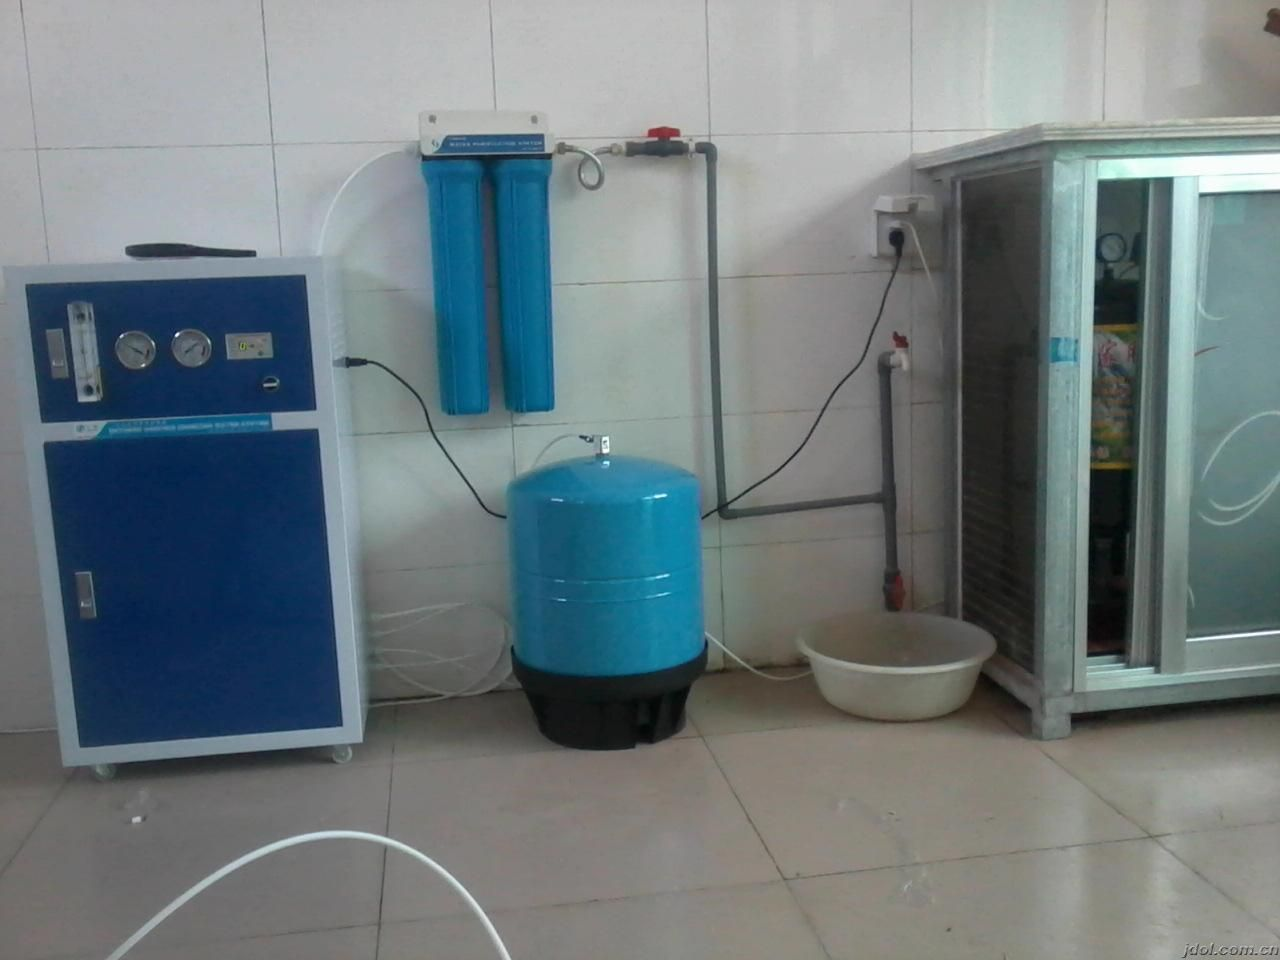 科选净水器怎么样—科选净水器的产品优点介绍